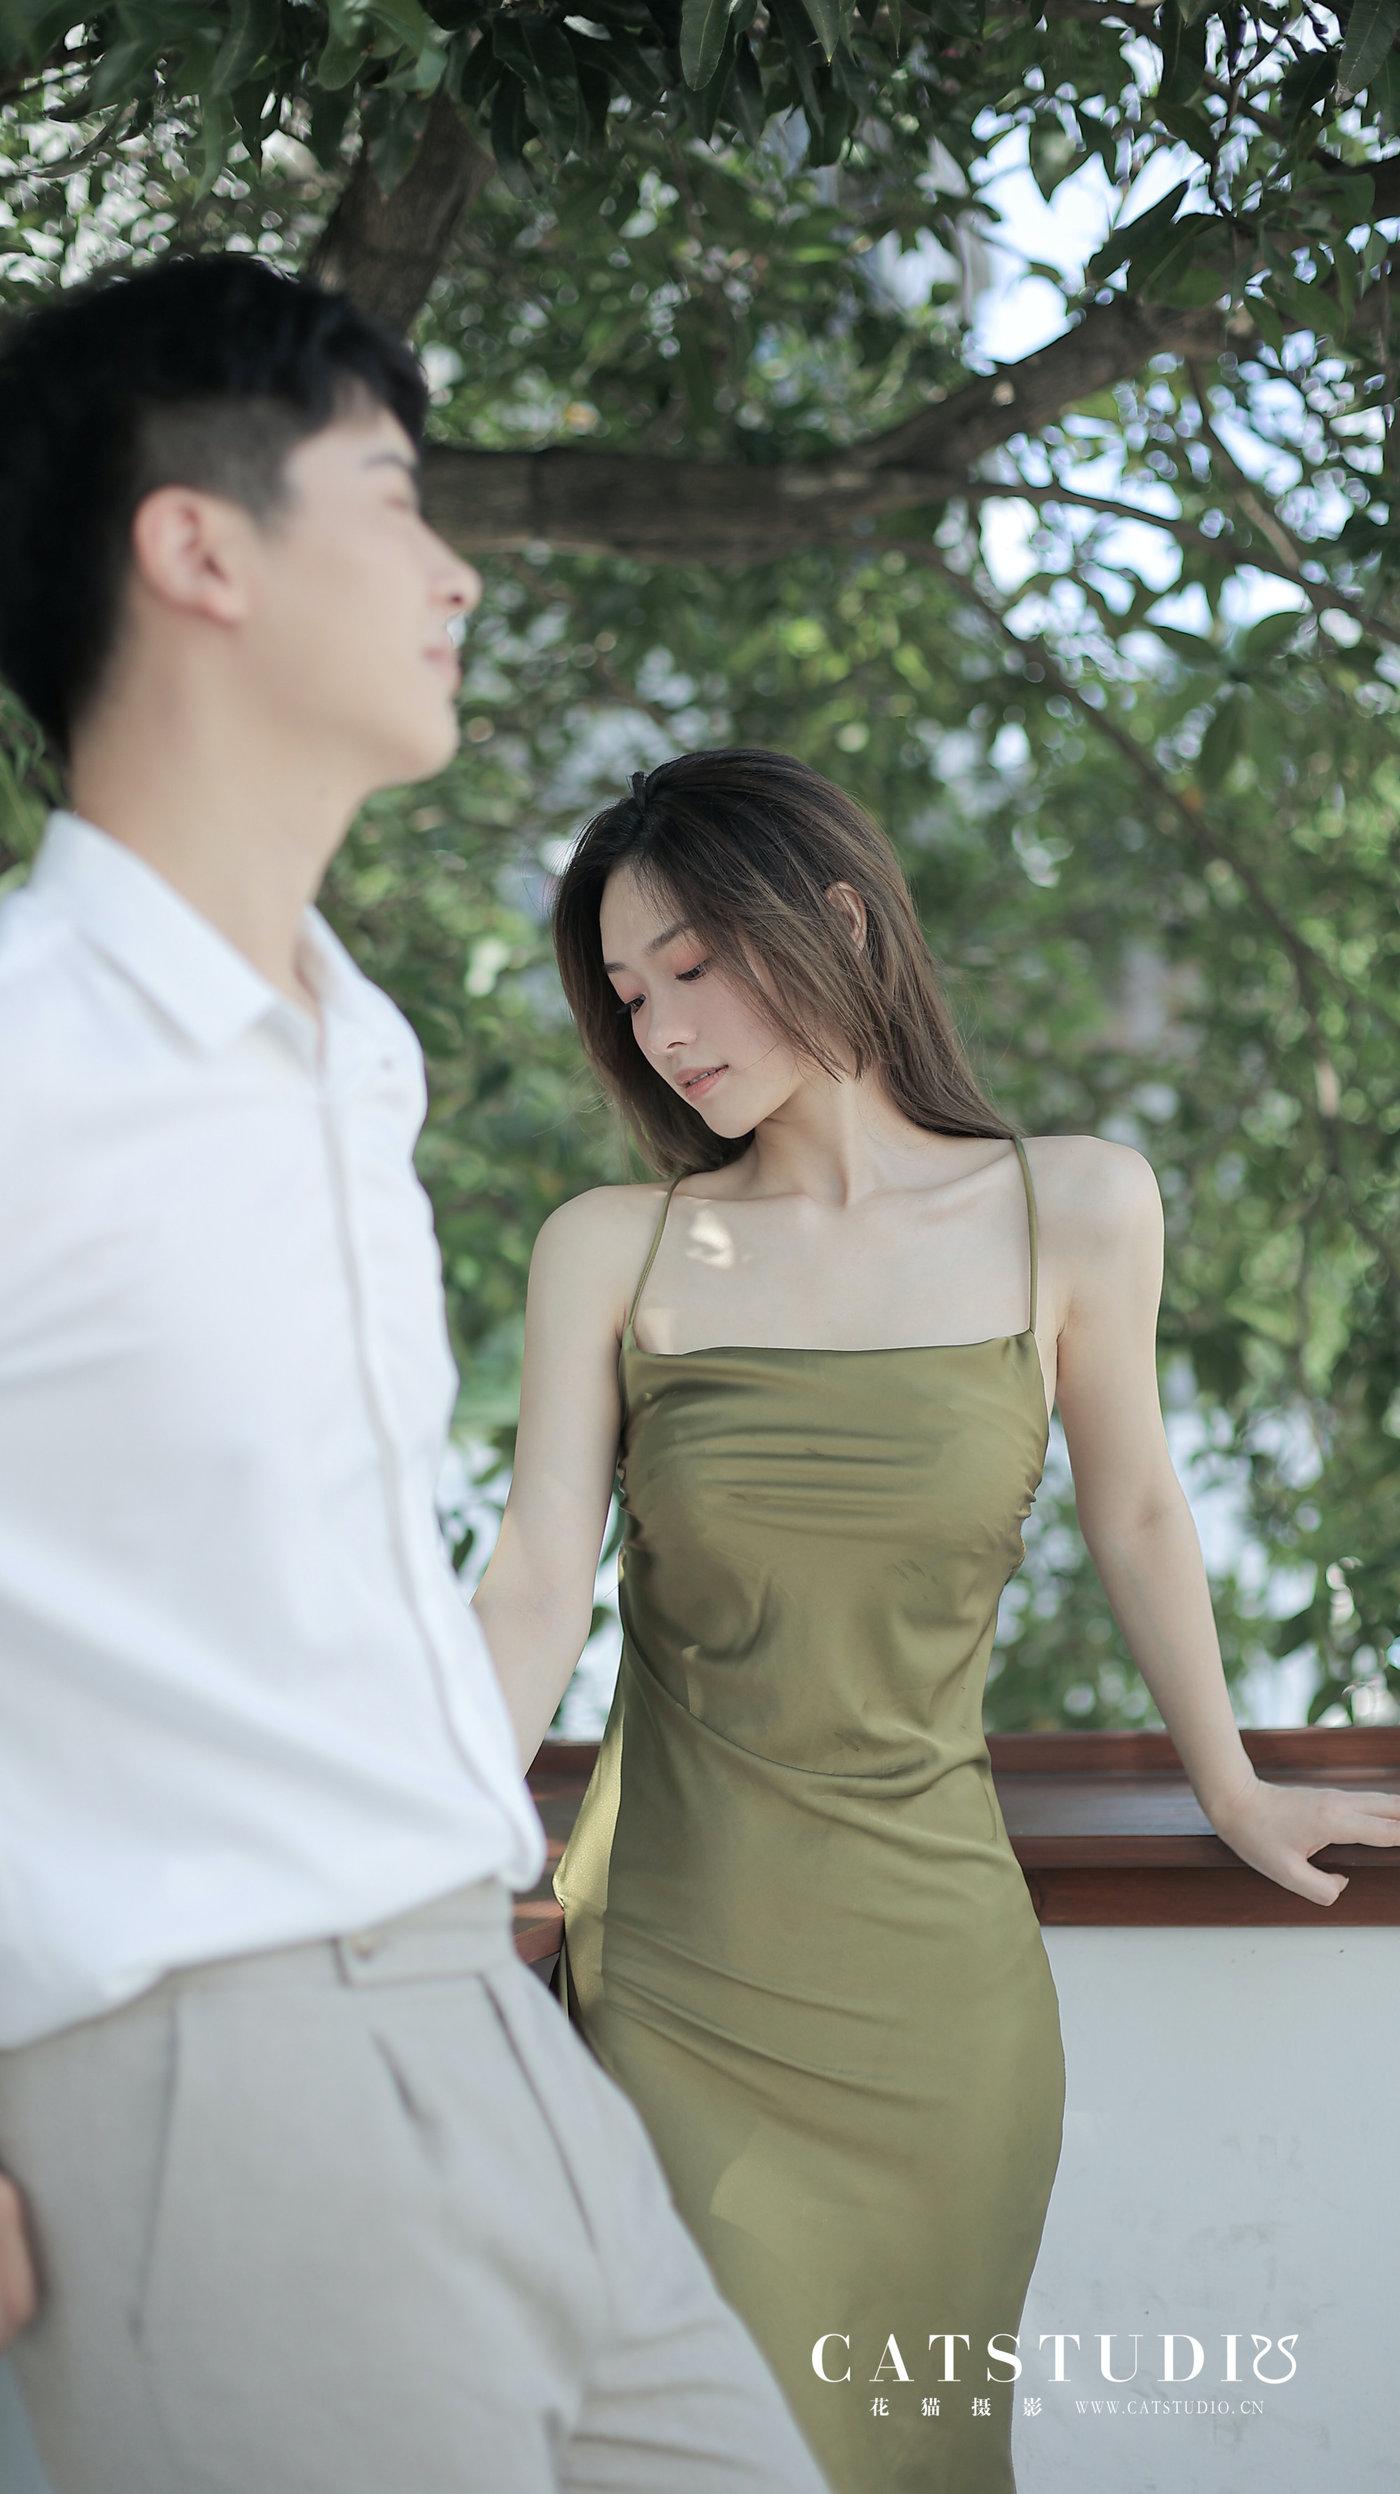 <婚纱照 l 有锁骨的女生好美>6